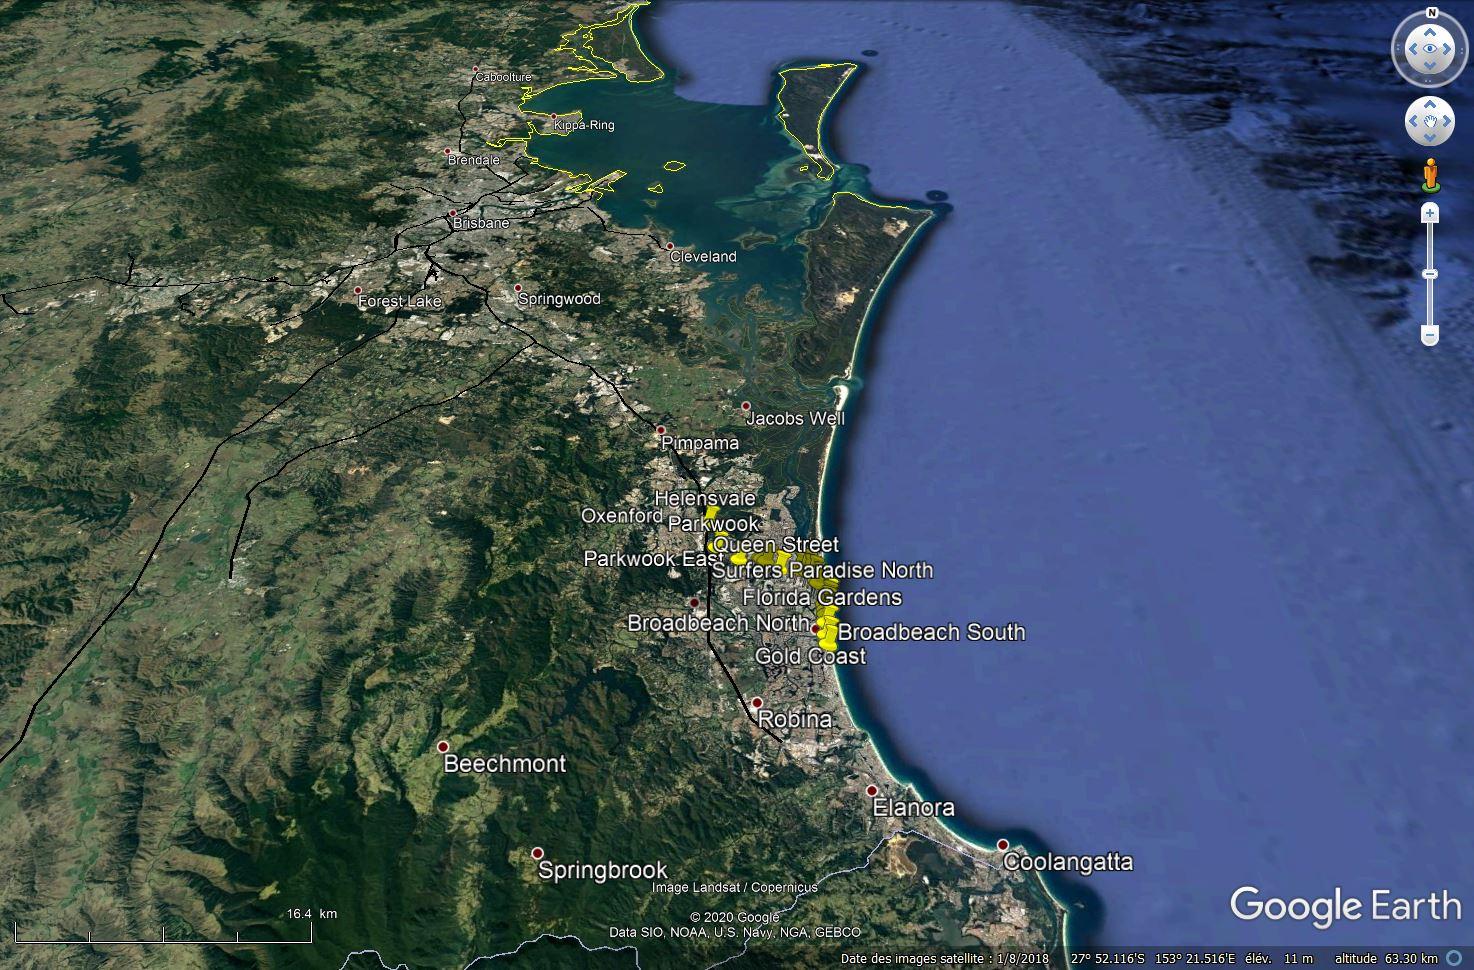 RideTheG - Le direct pour les plages de la Gold Coast Tsge1383